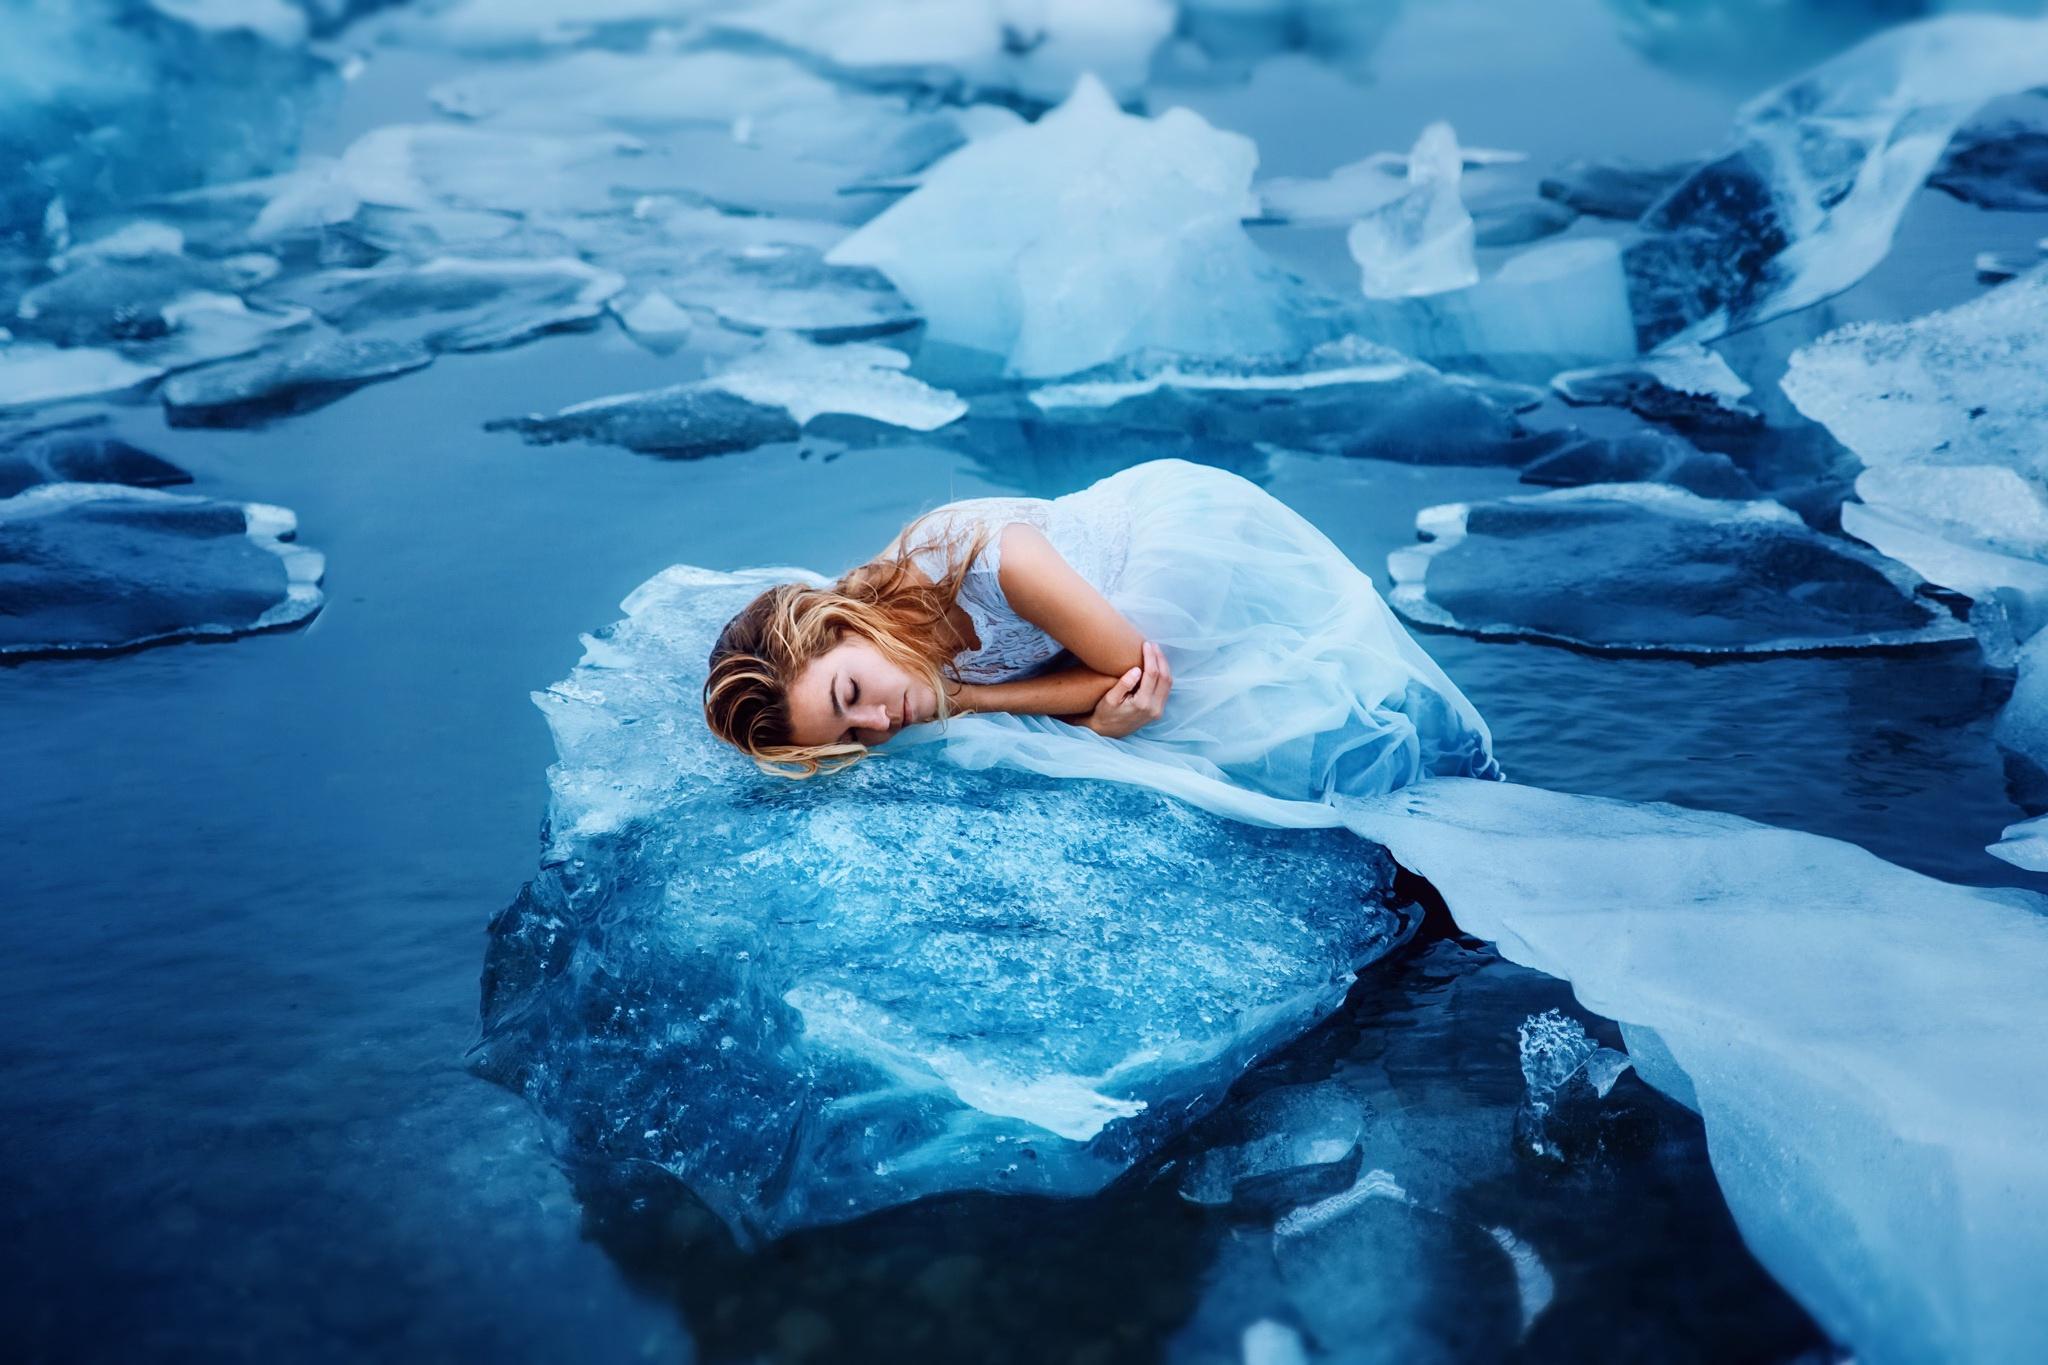 Что плаваешь в льдом если воже зимой снится со